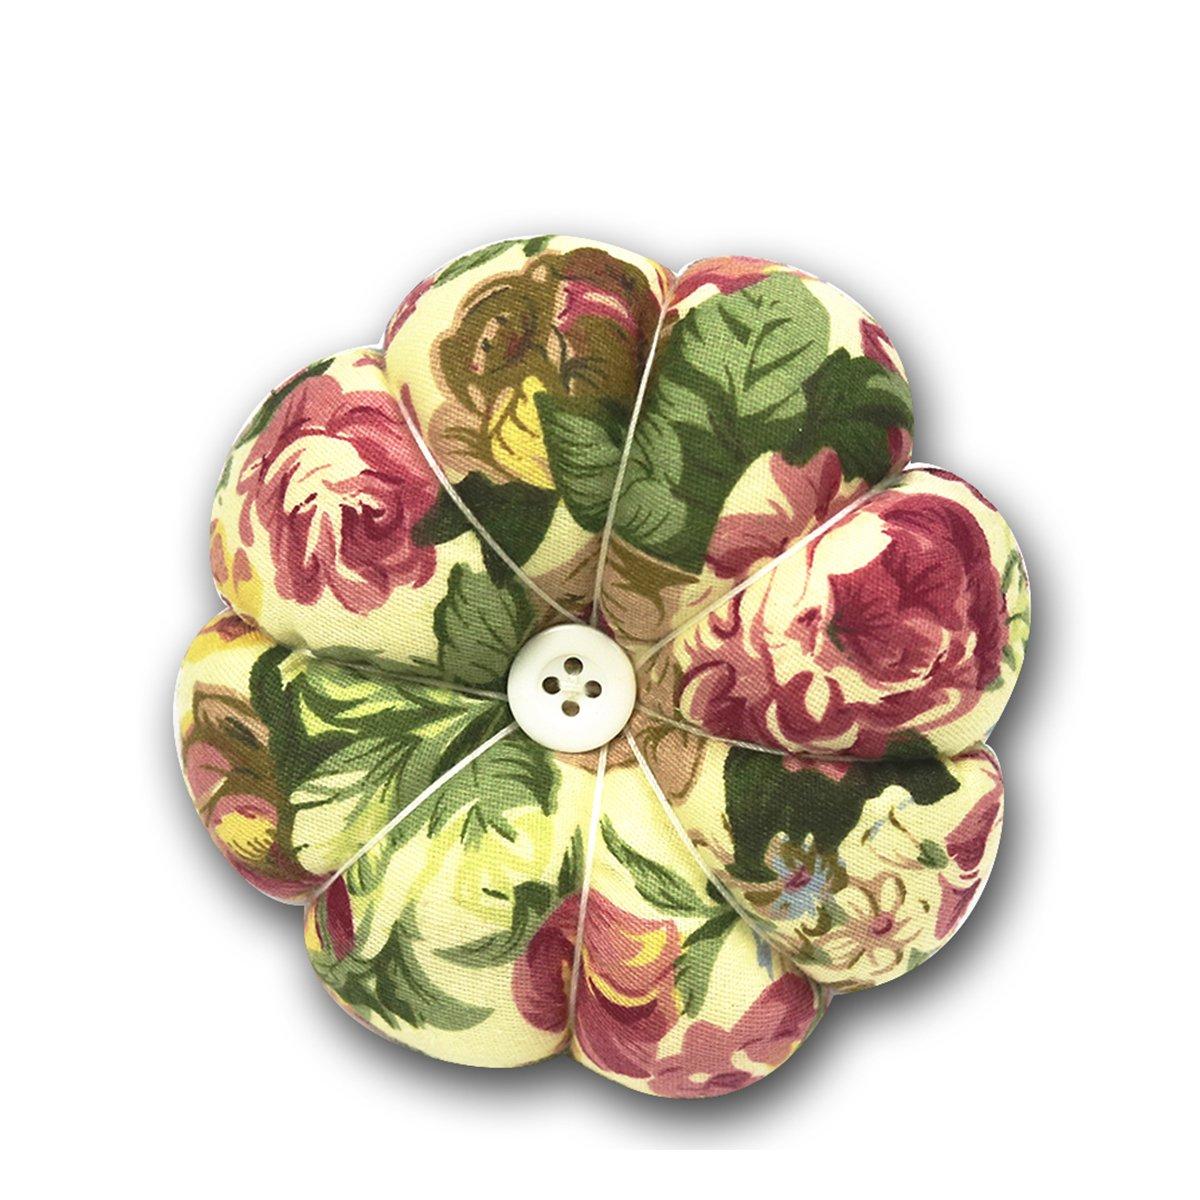 D & D puntaspilli cucito, ago a forma di zucca pin Holder flower D&D